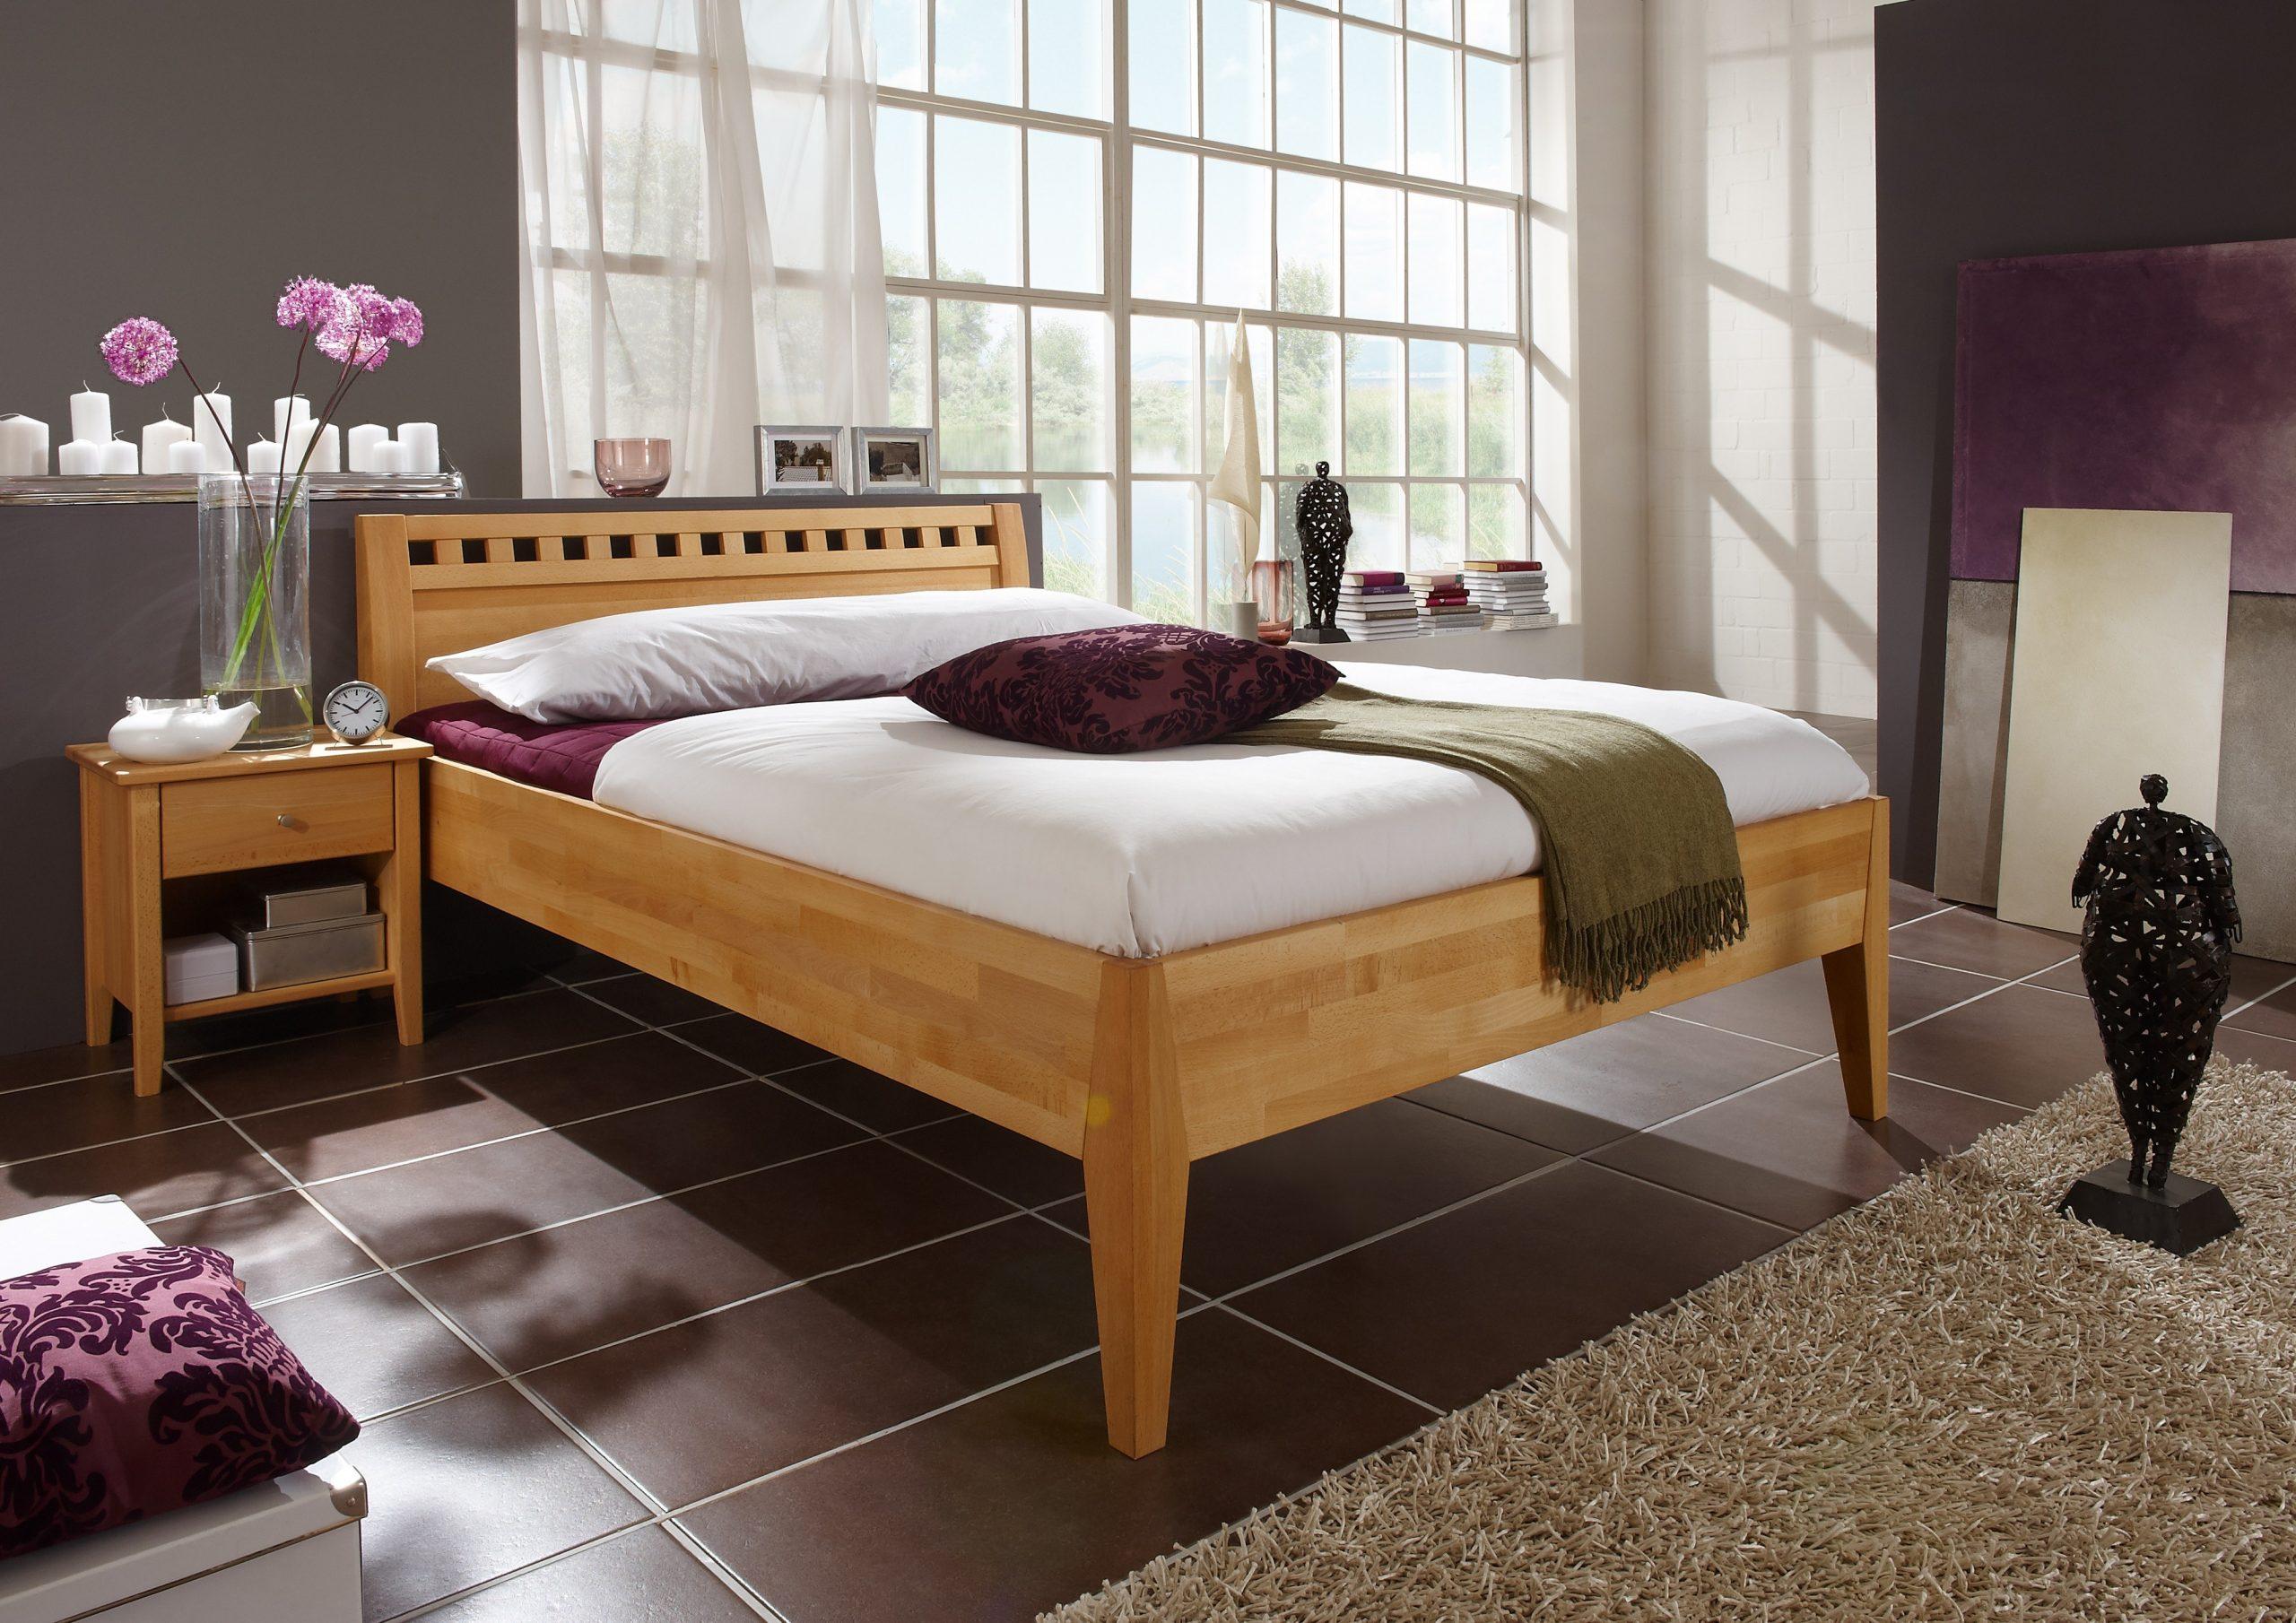 Full Size of Massivholz Betten 140x200 Massivholzbetten Schweiz Kaufen 180x200 Xxl Lutz 120x200 Hamburg 200x200 Bett Berlin Moebel De Bei Ikea Französische Billige Bett Massivholz Betten